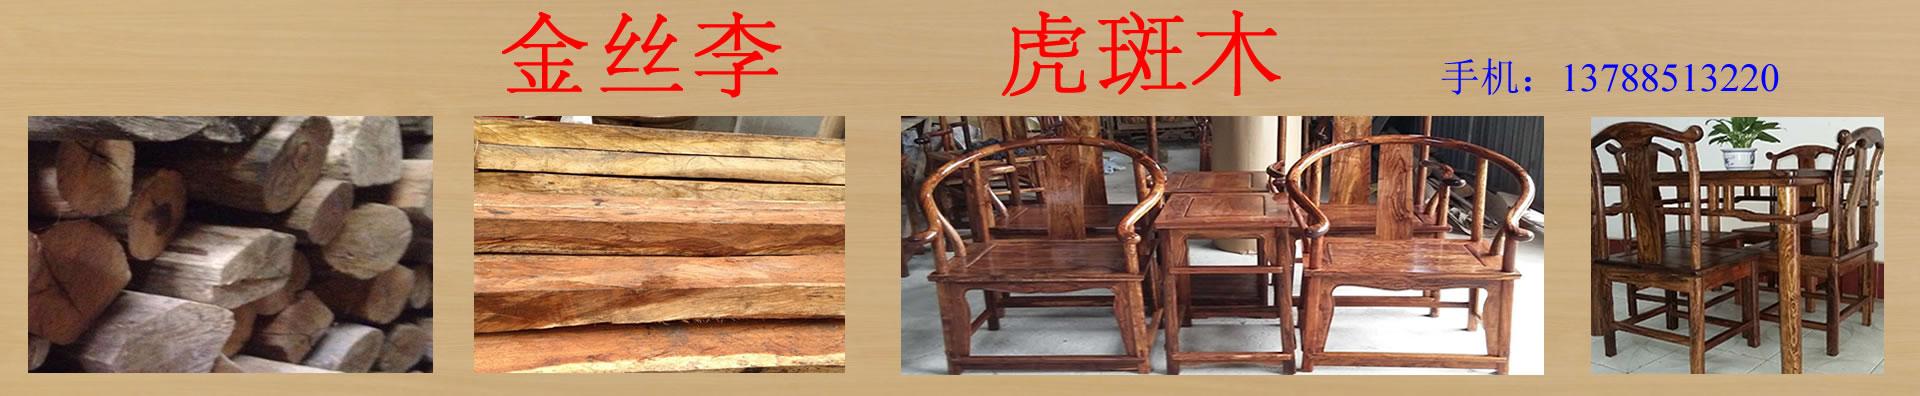 木业推广特惠